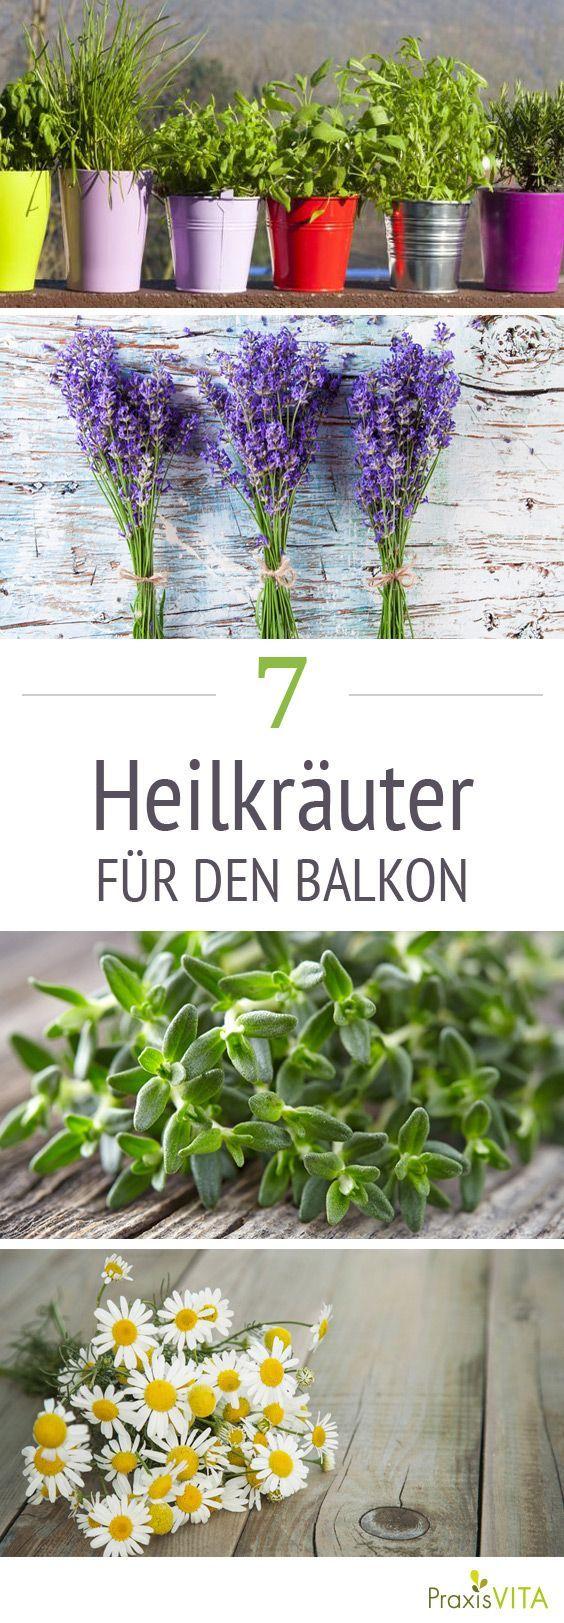 #bildergalerie #anpflanzen #heilkruter #besonders #verraten #geeignet #unserer #besten #welche #balkon #lassen #ihnen #auch #sich #sindDie 7 besten Heilkräuter für den Balkon Heilkräuter lassen sich auch auf dem Balkon anpflanzen. Welche besonders gut geeignet sind, verraten wir Ihnen in unserer Bildergalerie.Heilkräuter lassen sich auch auf dem Balkon anpflanzen. Welche besonders gut geeignet sind, verraten wir Ihnen in unserer Bildergalerie. #kräutergartenbalkon